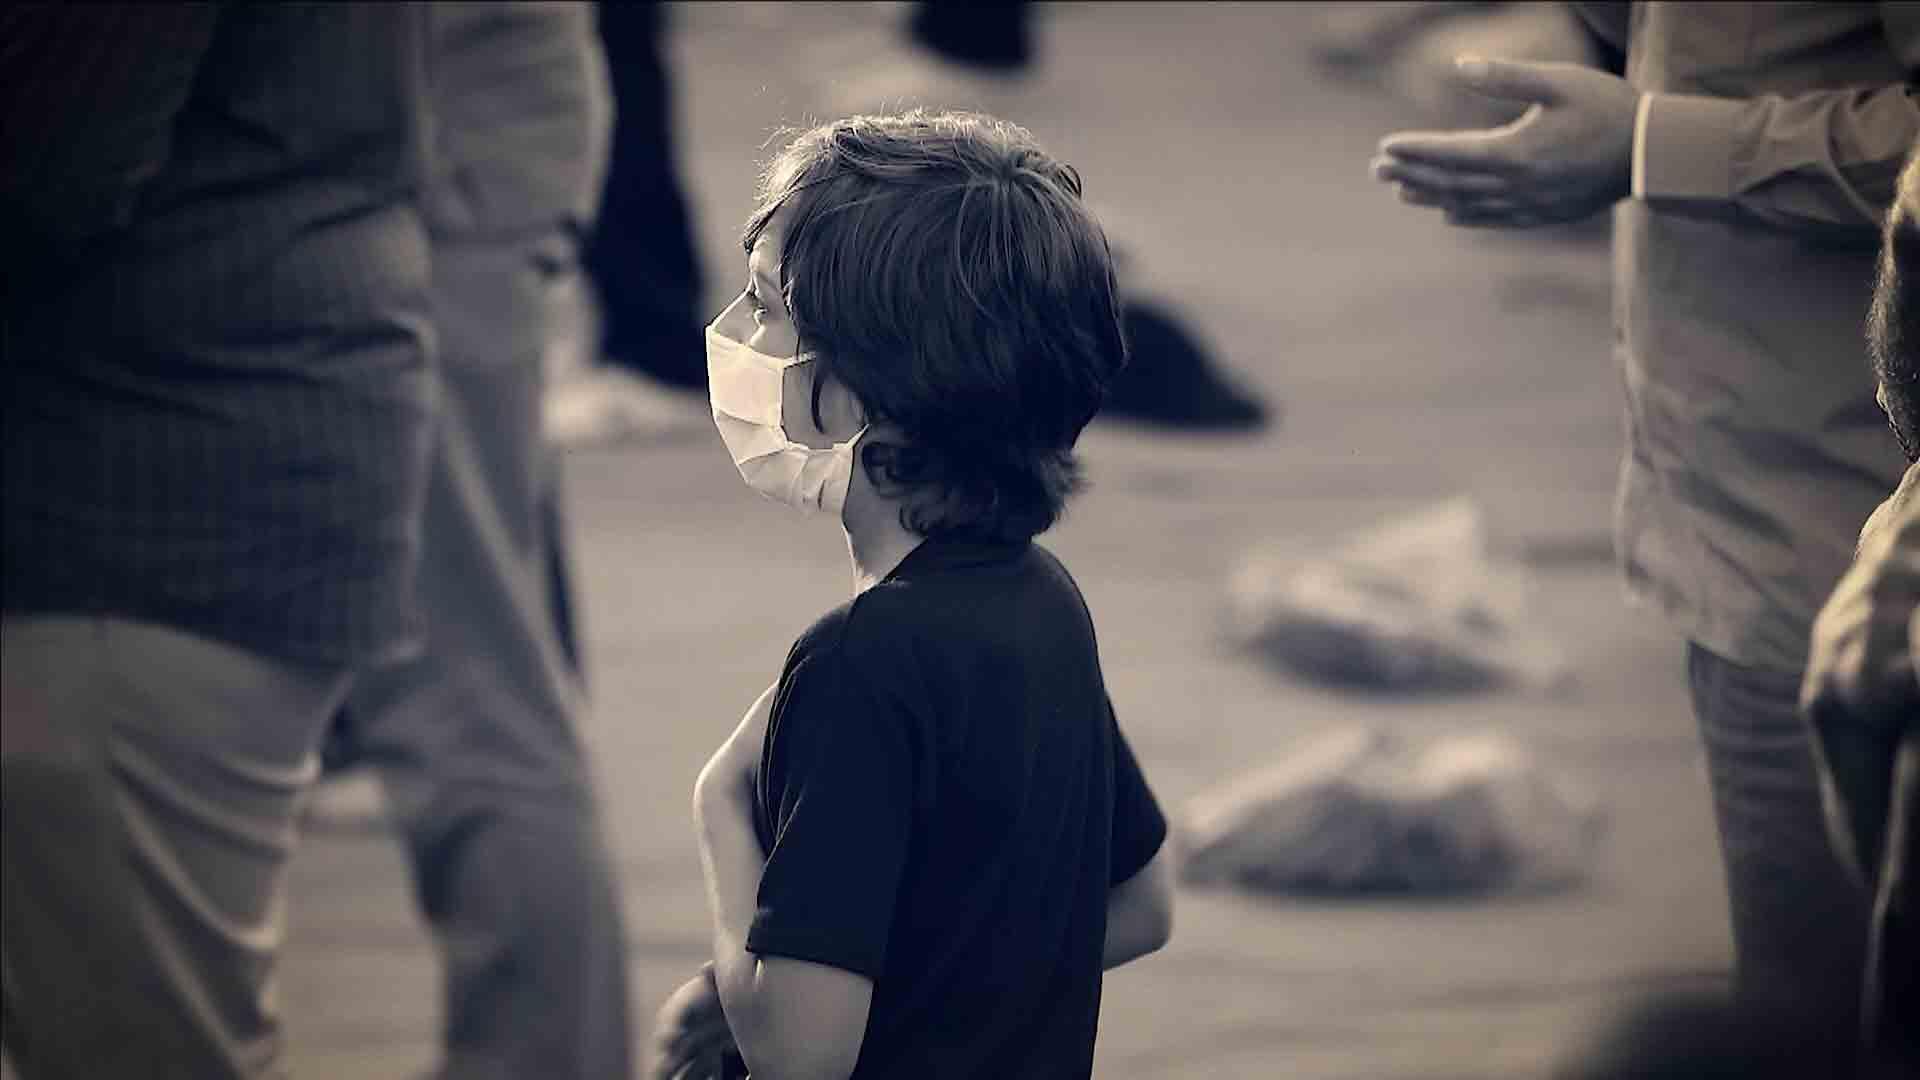 از بچگی شادی فروختم امیر حسینی